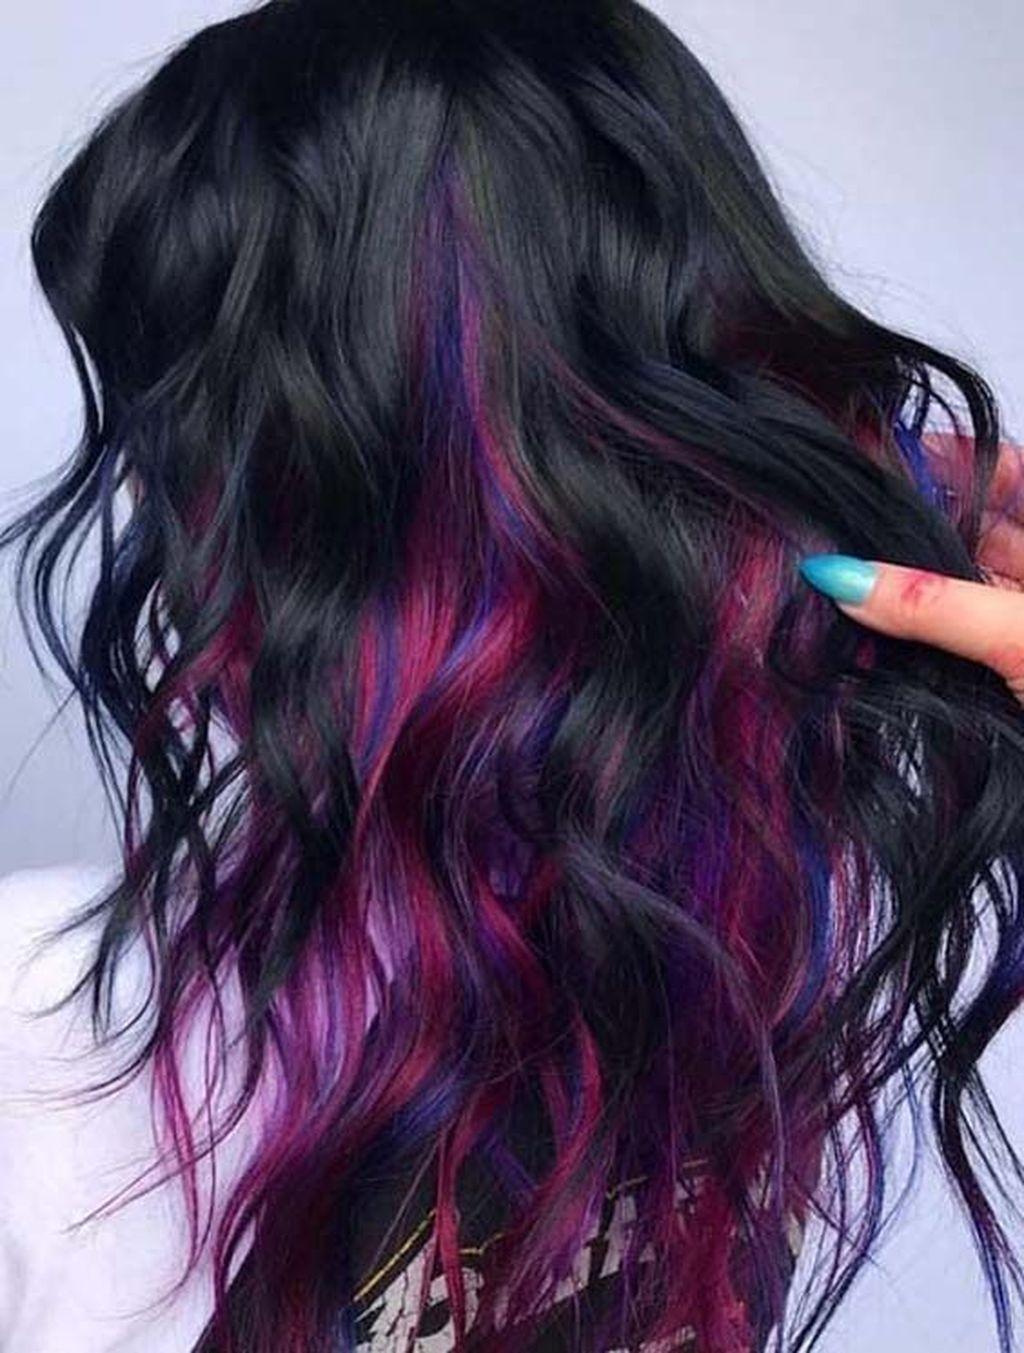 36 Stylish Hair Color Ideas In 2019 In 2020 Hair Styles Vivid Hair Color Latest Hair Color